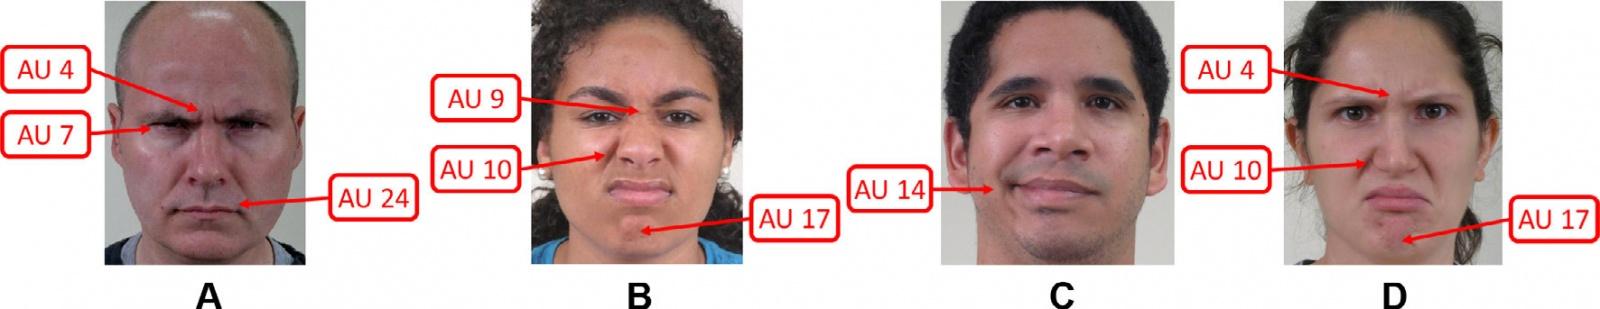 Определено новое универсальное выражение лица, понятное всем людям на Земле - 1